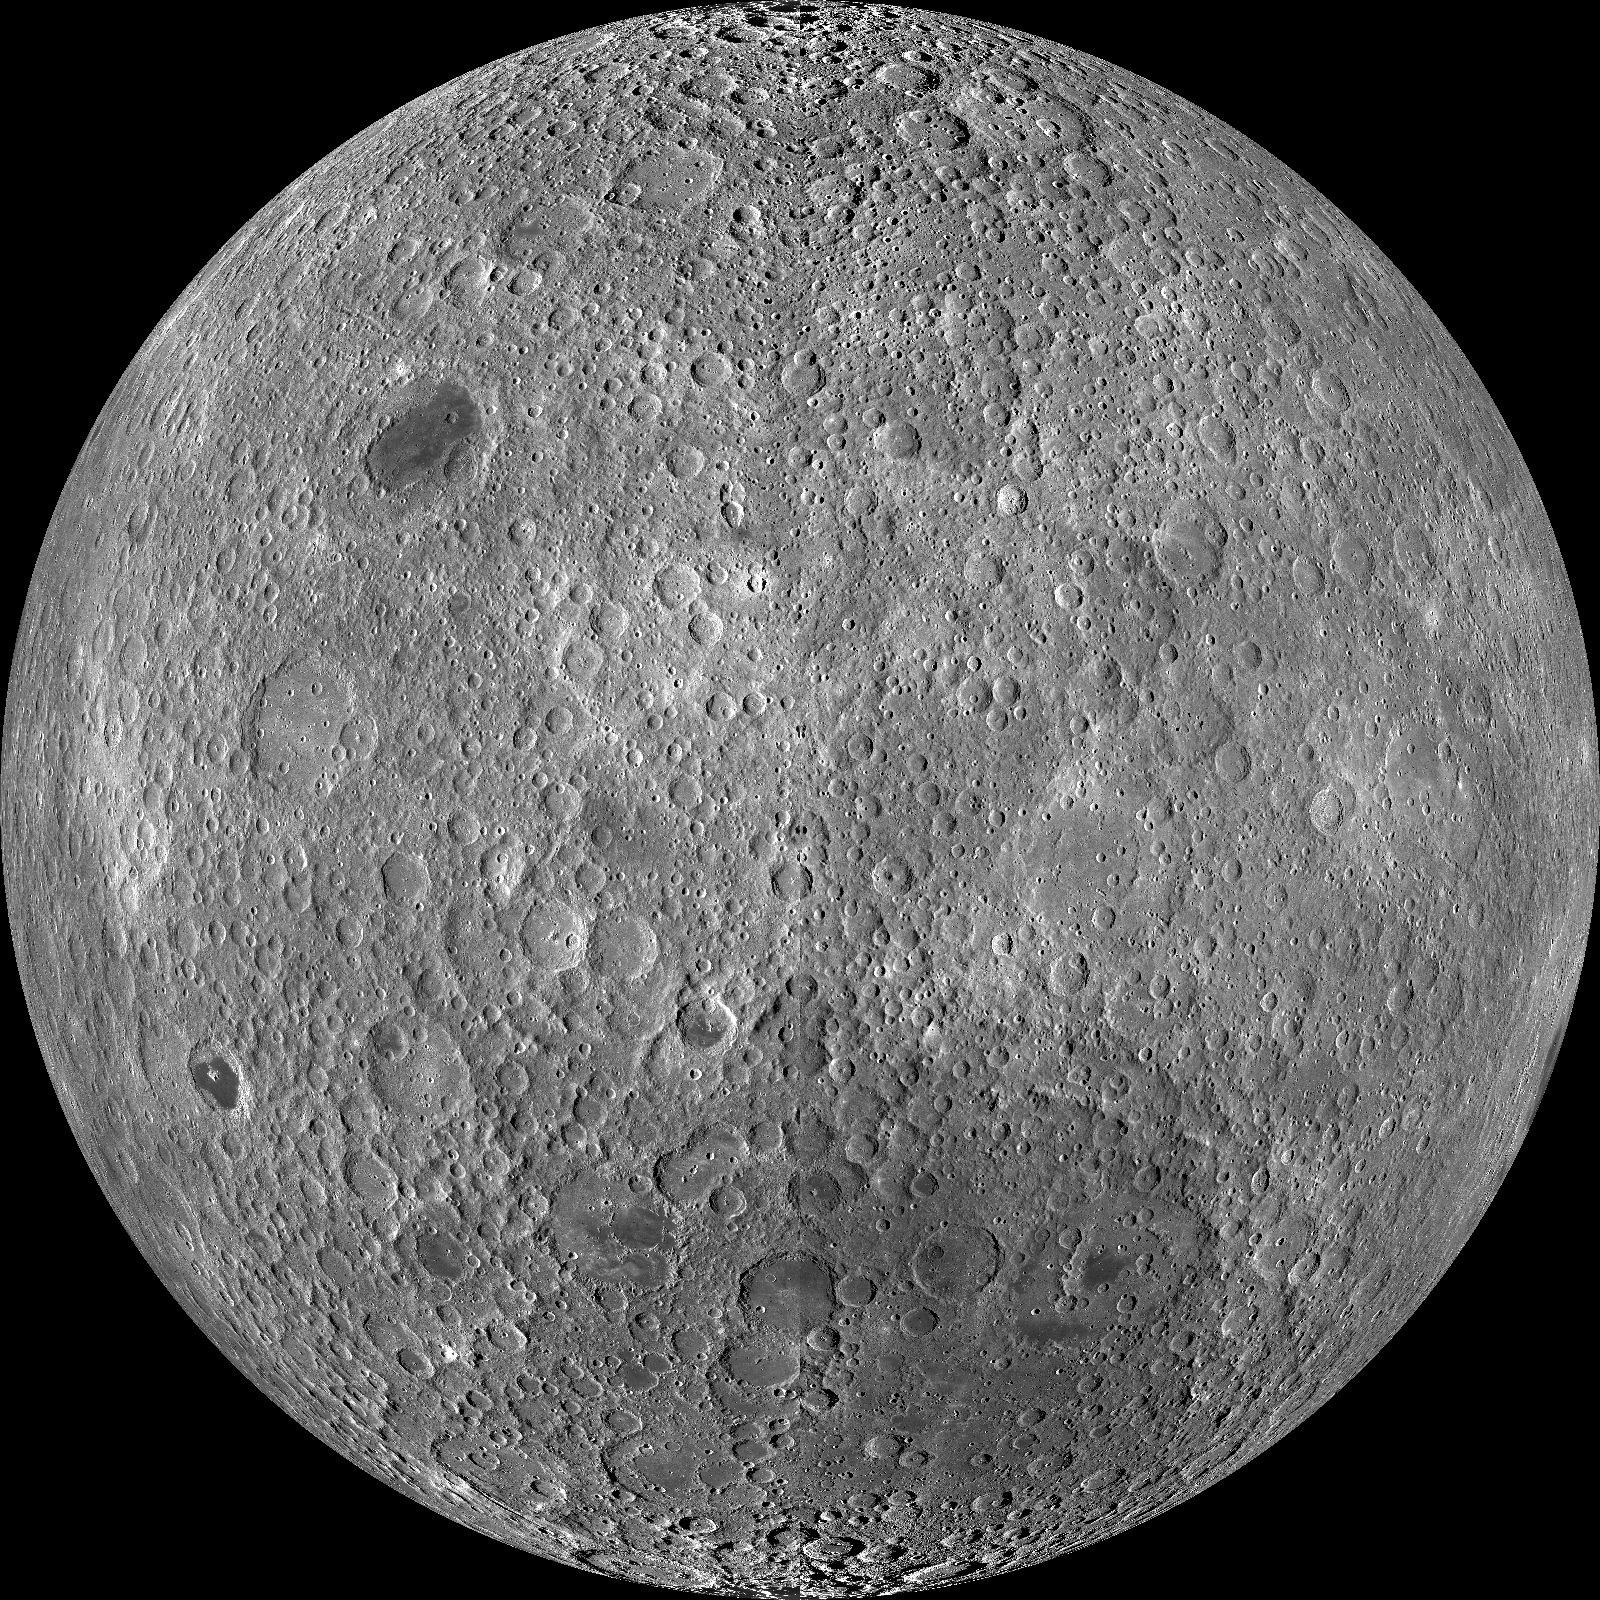 Die erdabgewandte Seite des Mondes: Hier sind die geologischen Bedingungen bisher wenig erforscht.Die Chinesen wollen mit ihrer Sonde Chang'e-4 die ersten sein, die dort landen und den blinden Fleck genauer untersuchen.